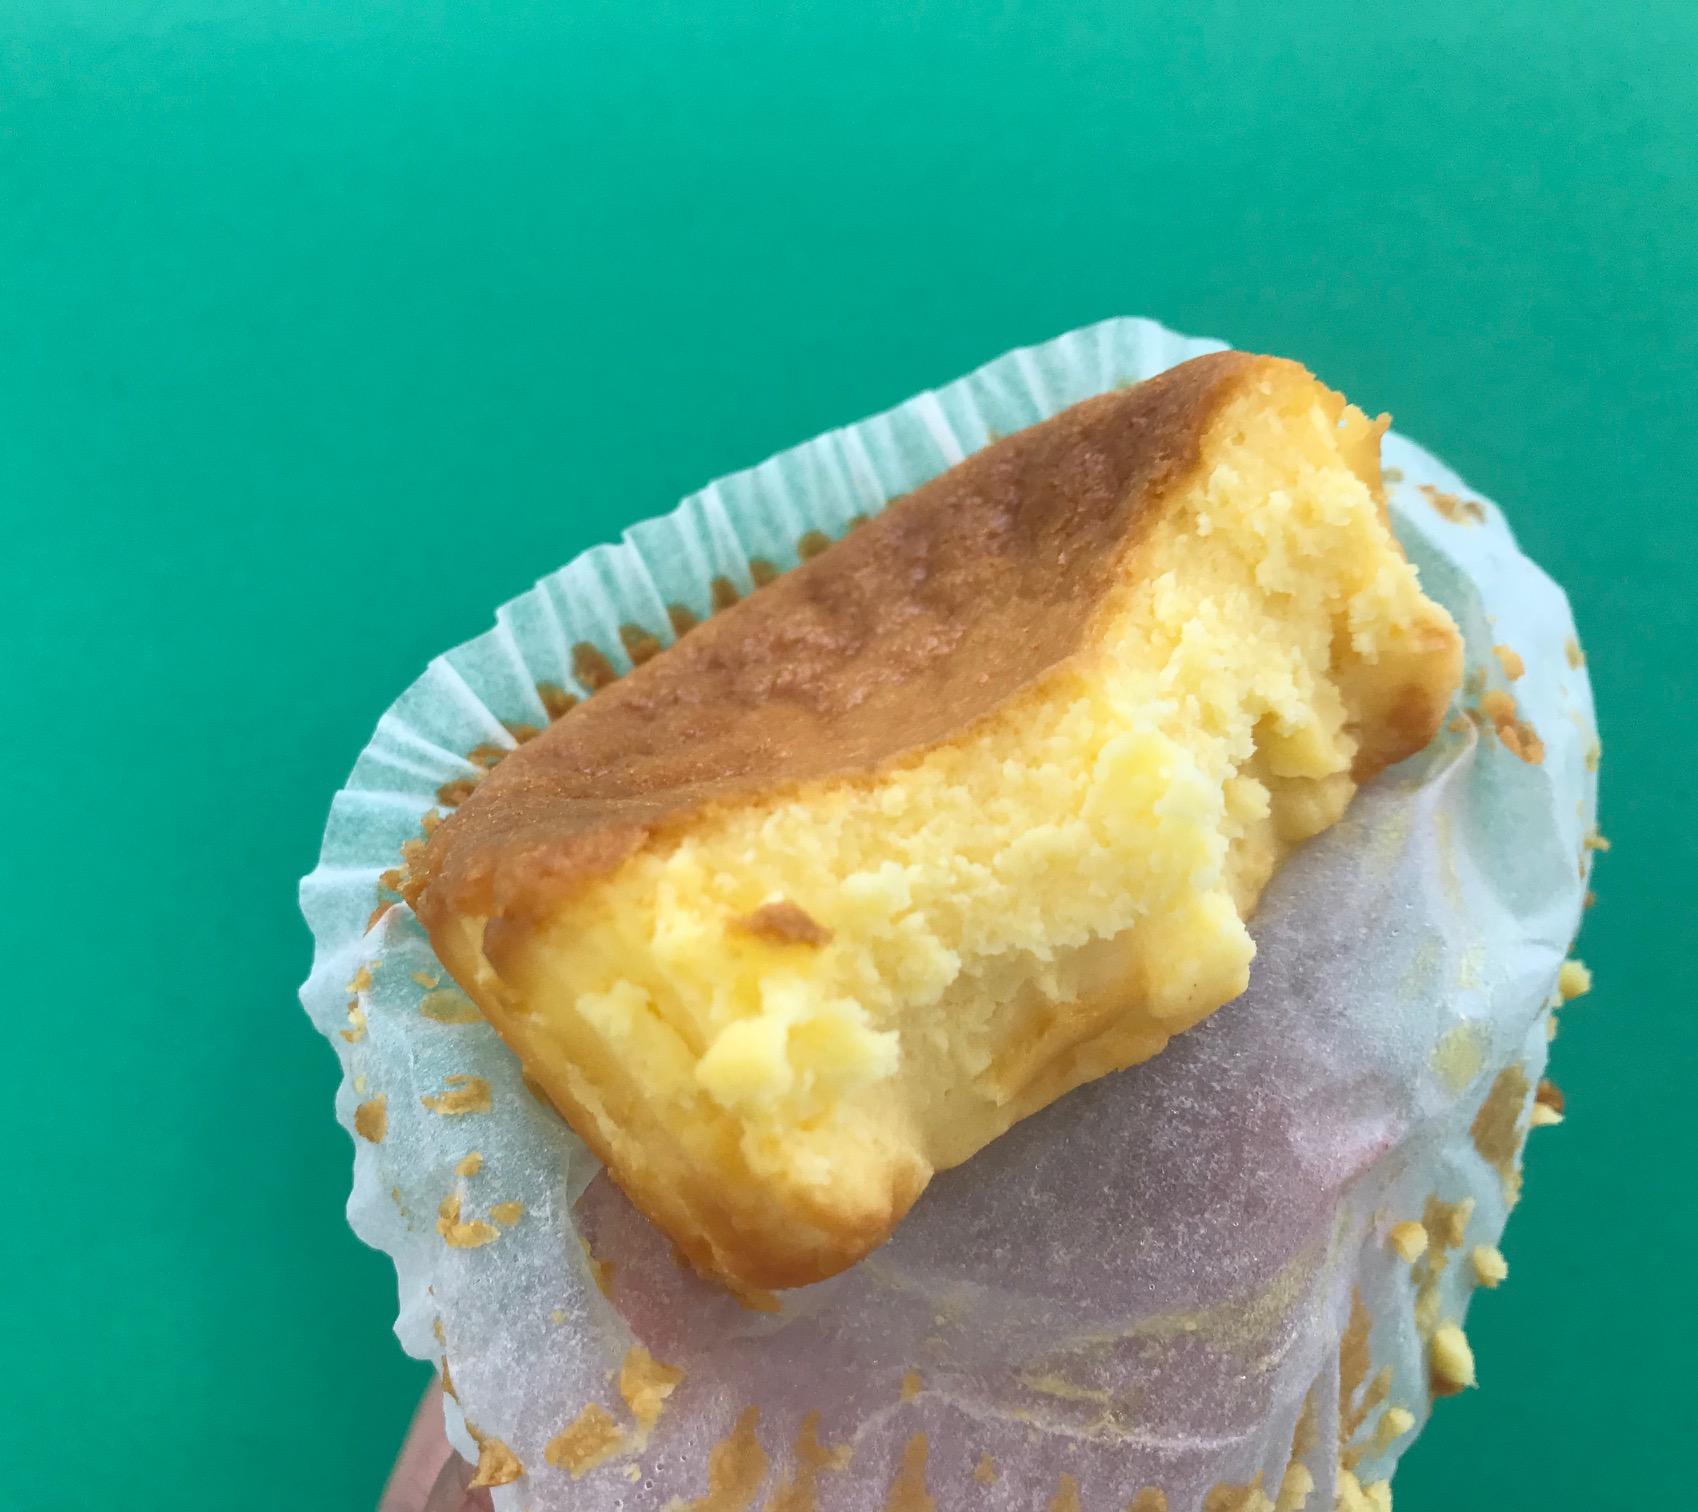 『セブン-イレブン』から「バスクチーズケーキ」が登場♡ カロリーは? 味わいは?【コンビニスイーツ新作、食べてみた!】_4